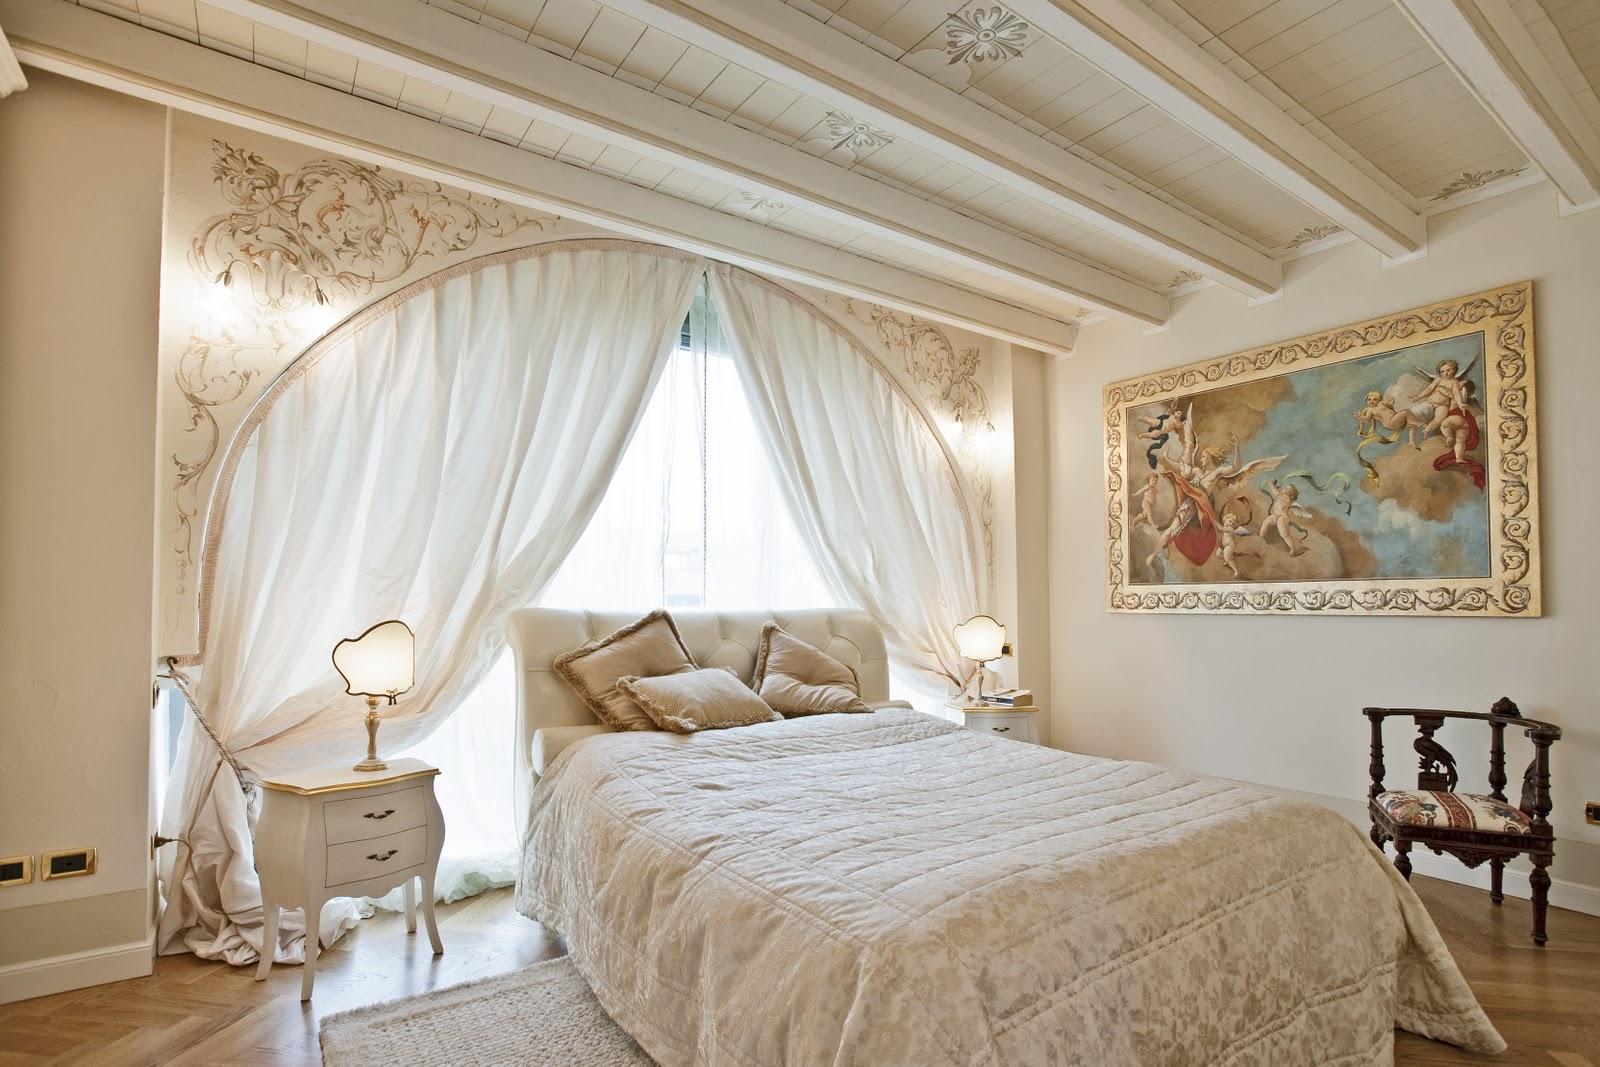 Boiseries per camera da letto: camere da letto. foto di camera da ...